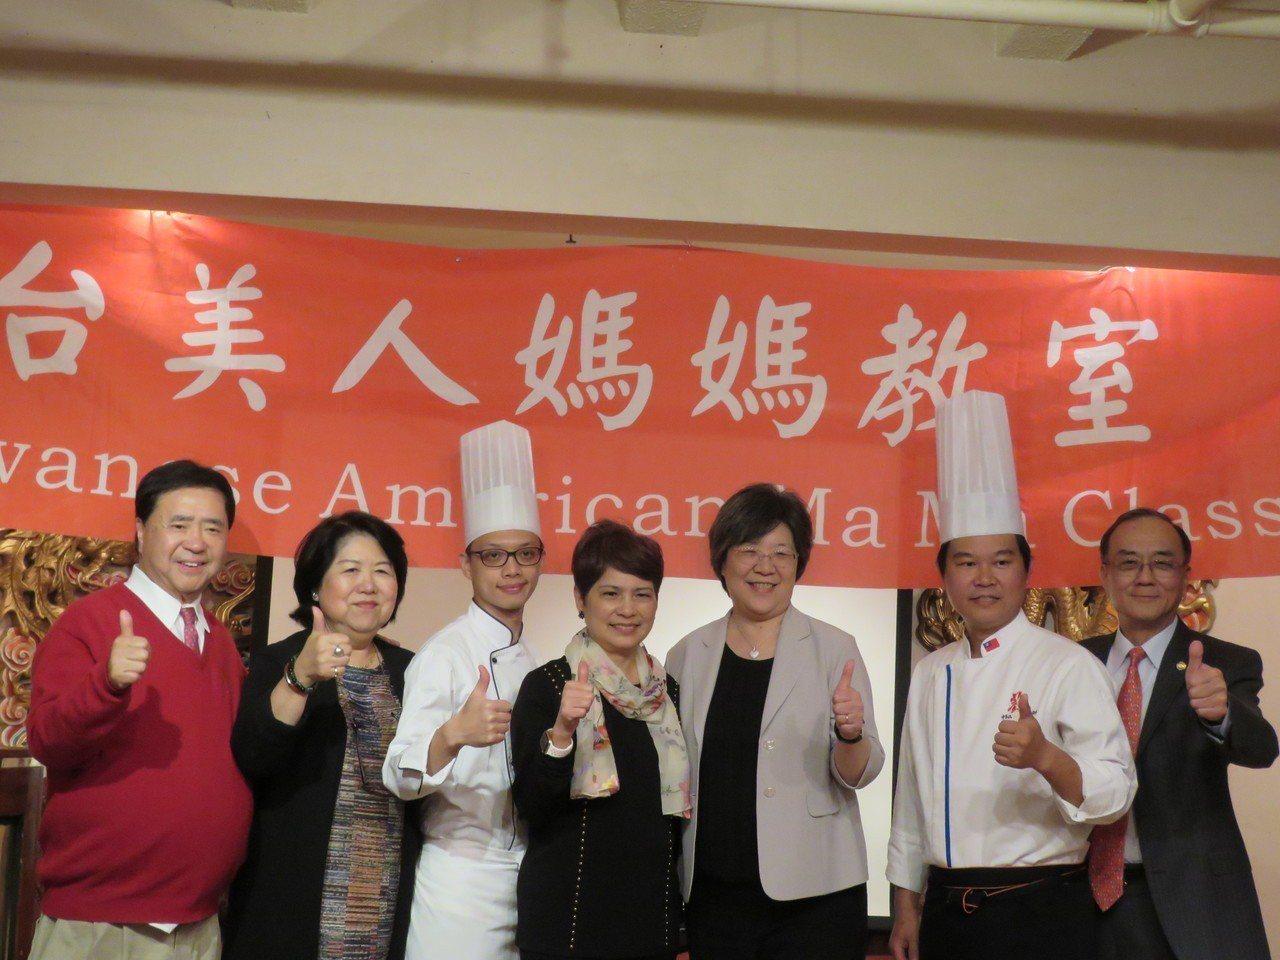 華府社團「台美人媽媽教室」舉行周年慶,由廚師溫國智(右2)、陳瑞昌(左3)烹製台...